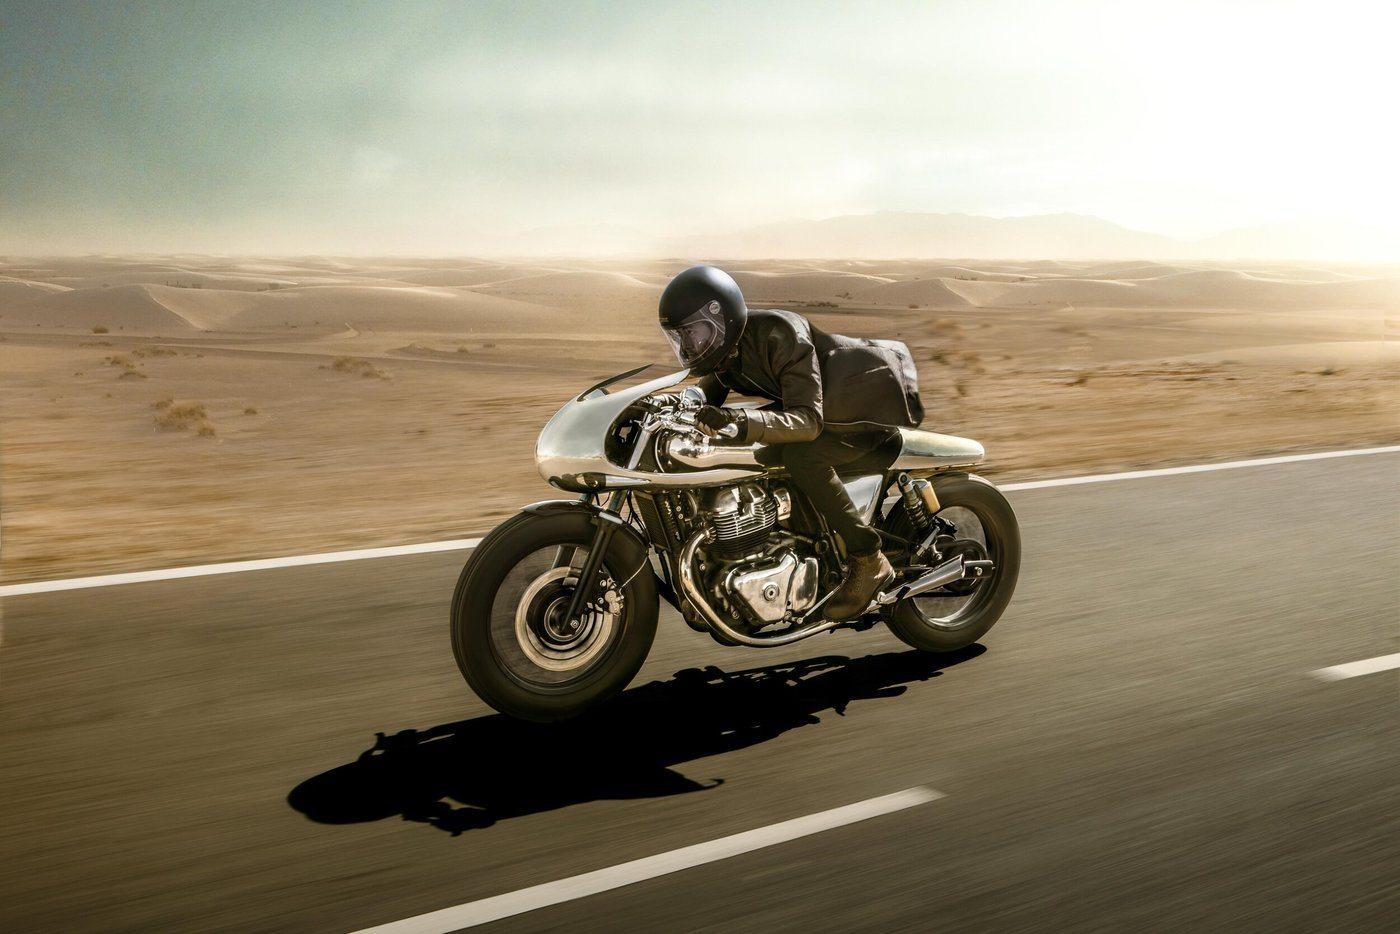 Así rueda The Jaeger, lo último de Bandit9 Motorcycles y Royal Enfield.